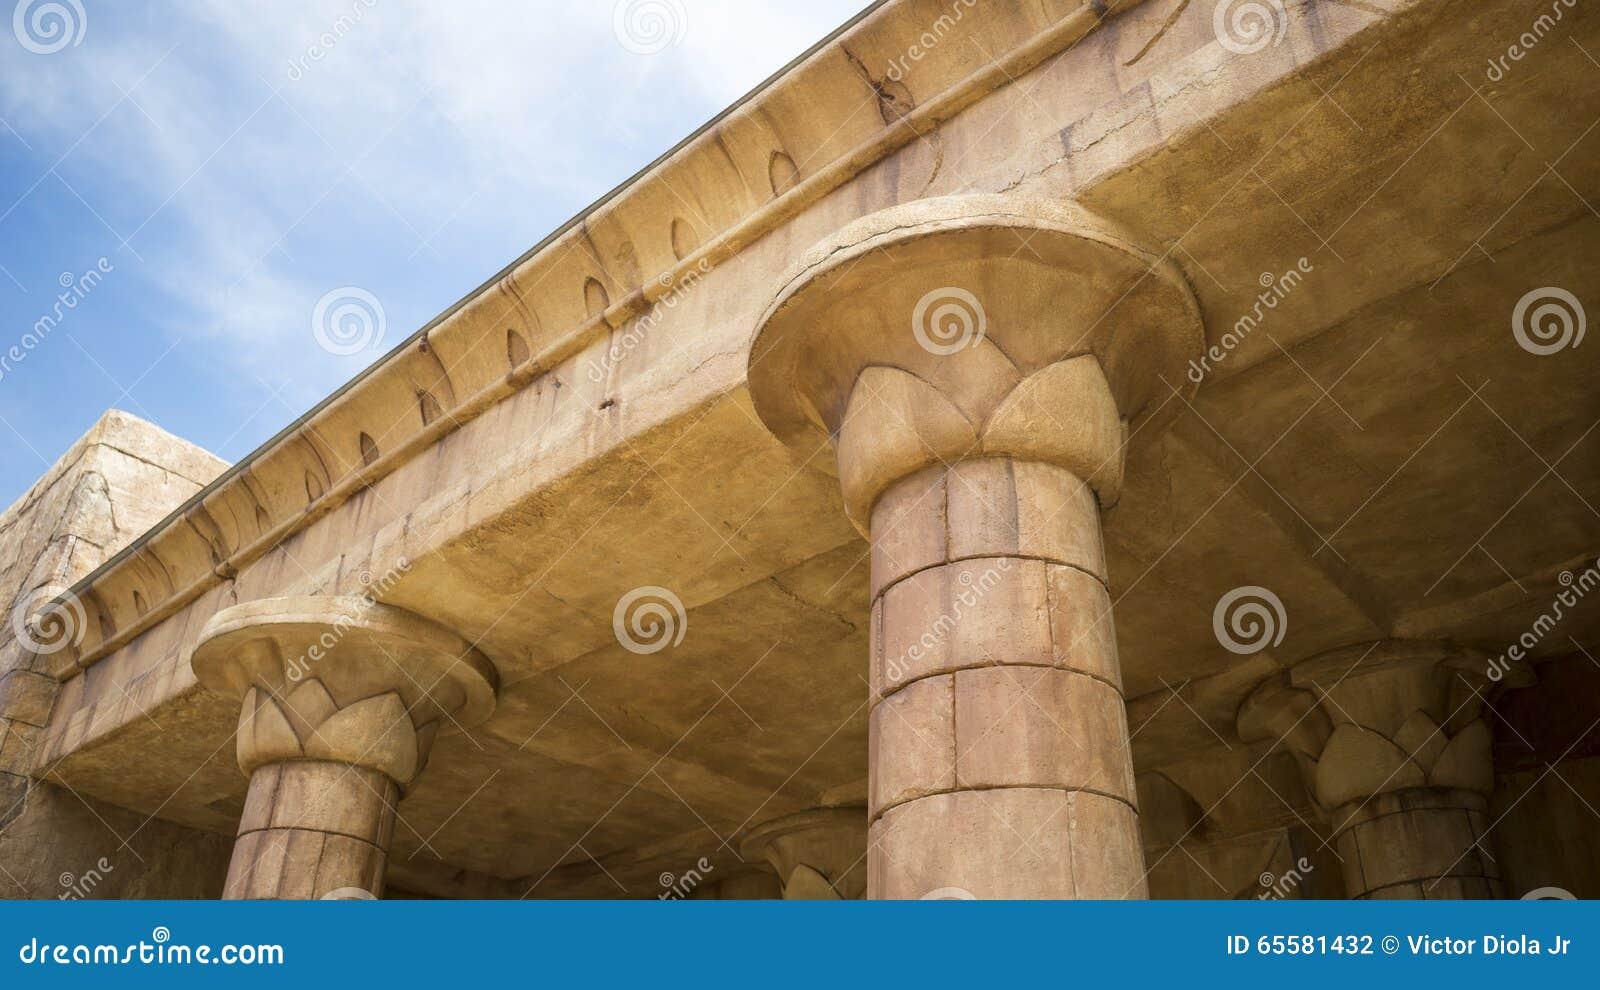 Colunas arquitetónicas